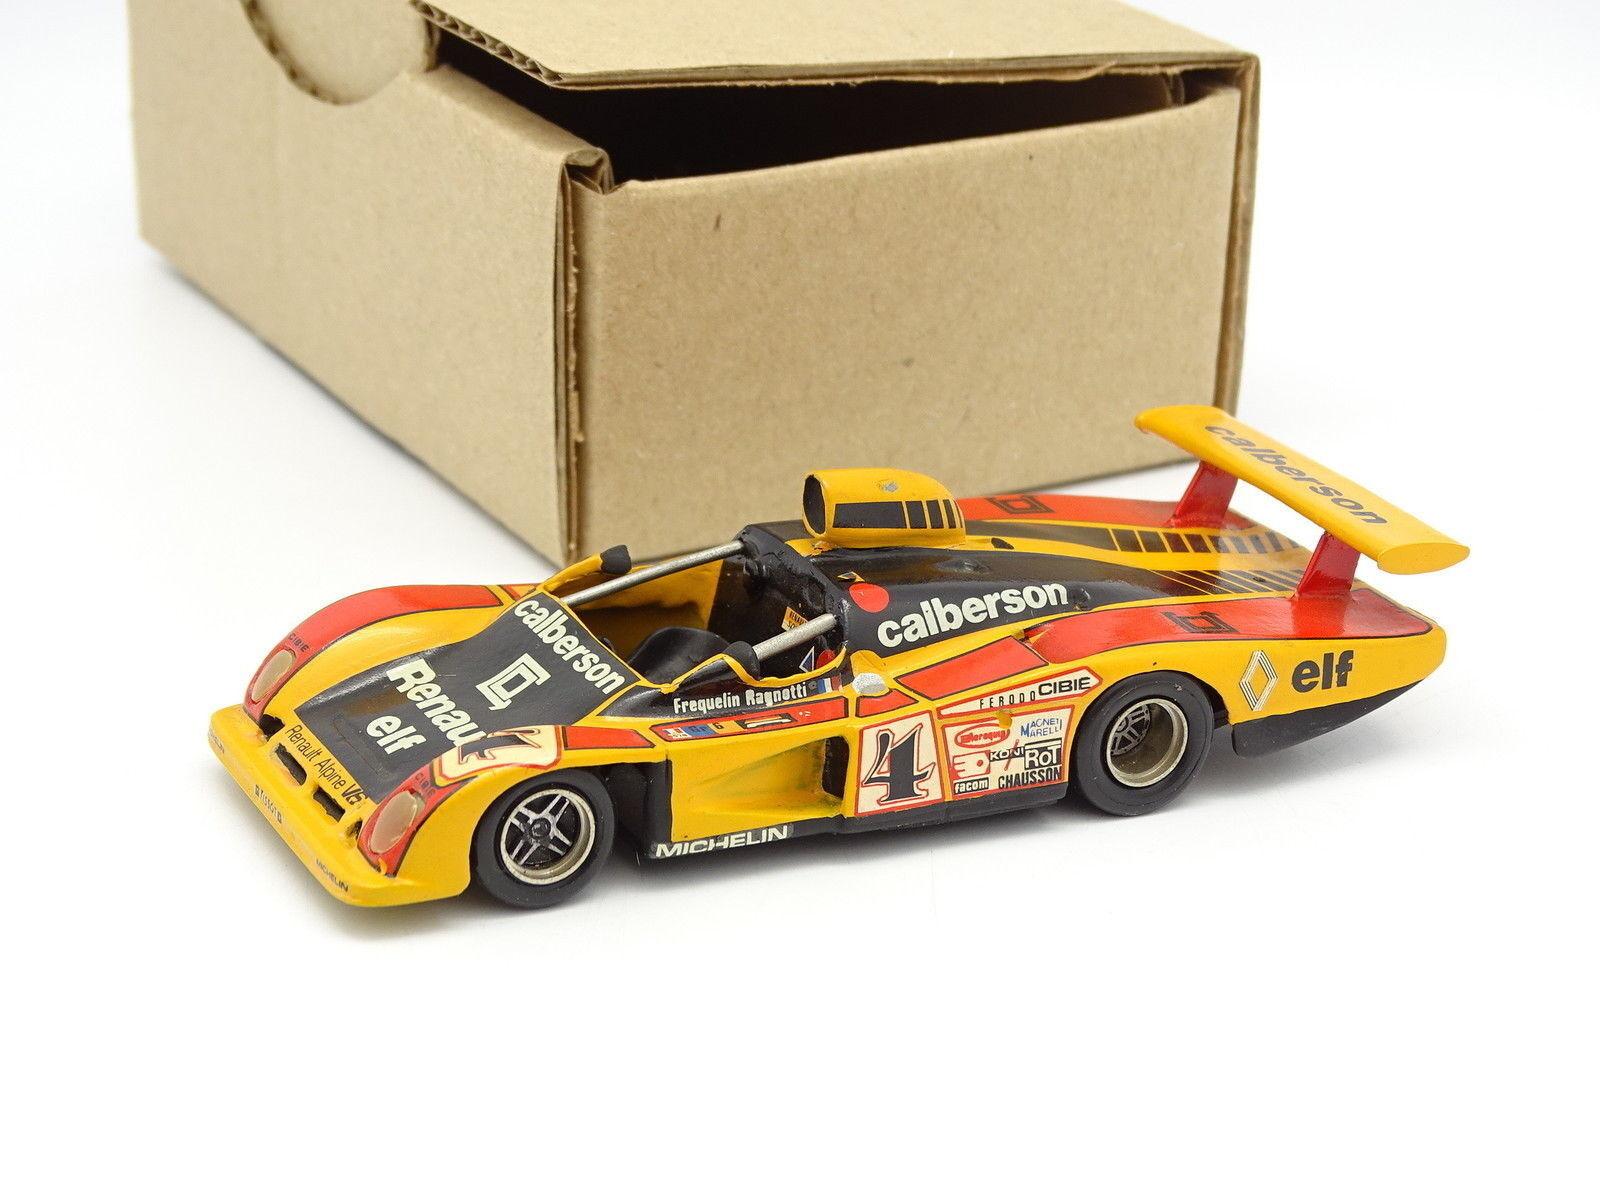 Mini Racing Kit Monté SB 1 43 - Alpine Renault A442 Calberson Le Mans 1978 N°4